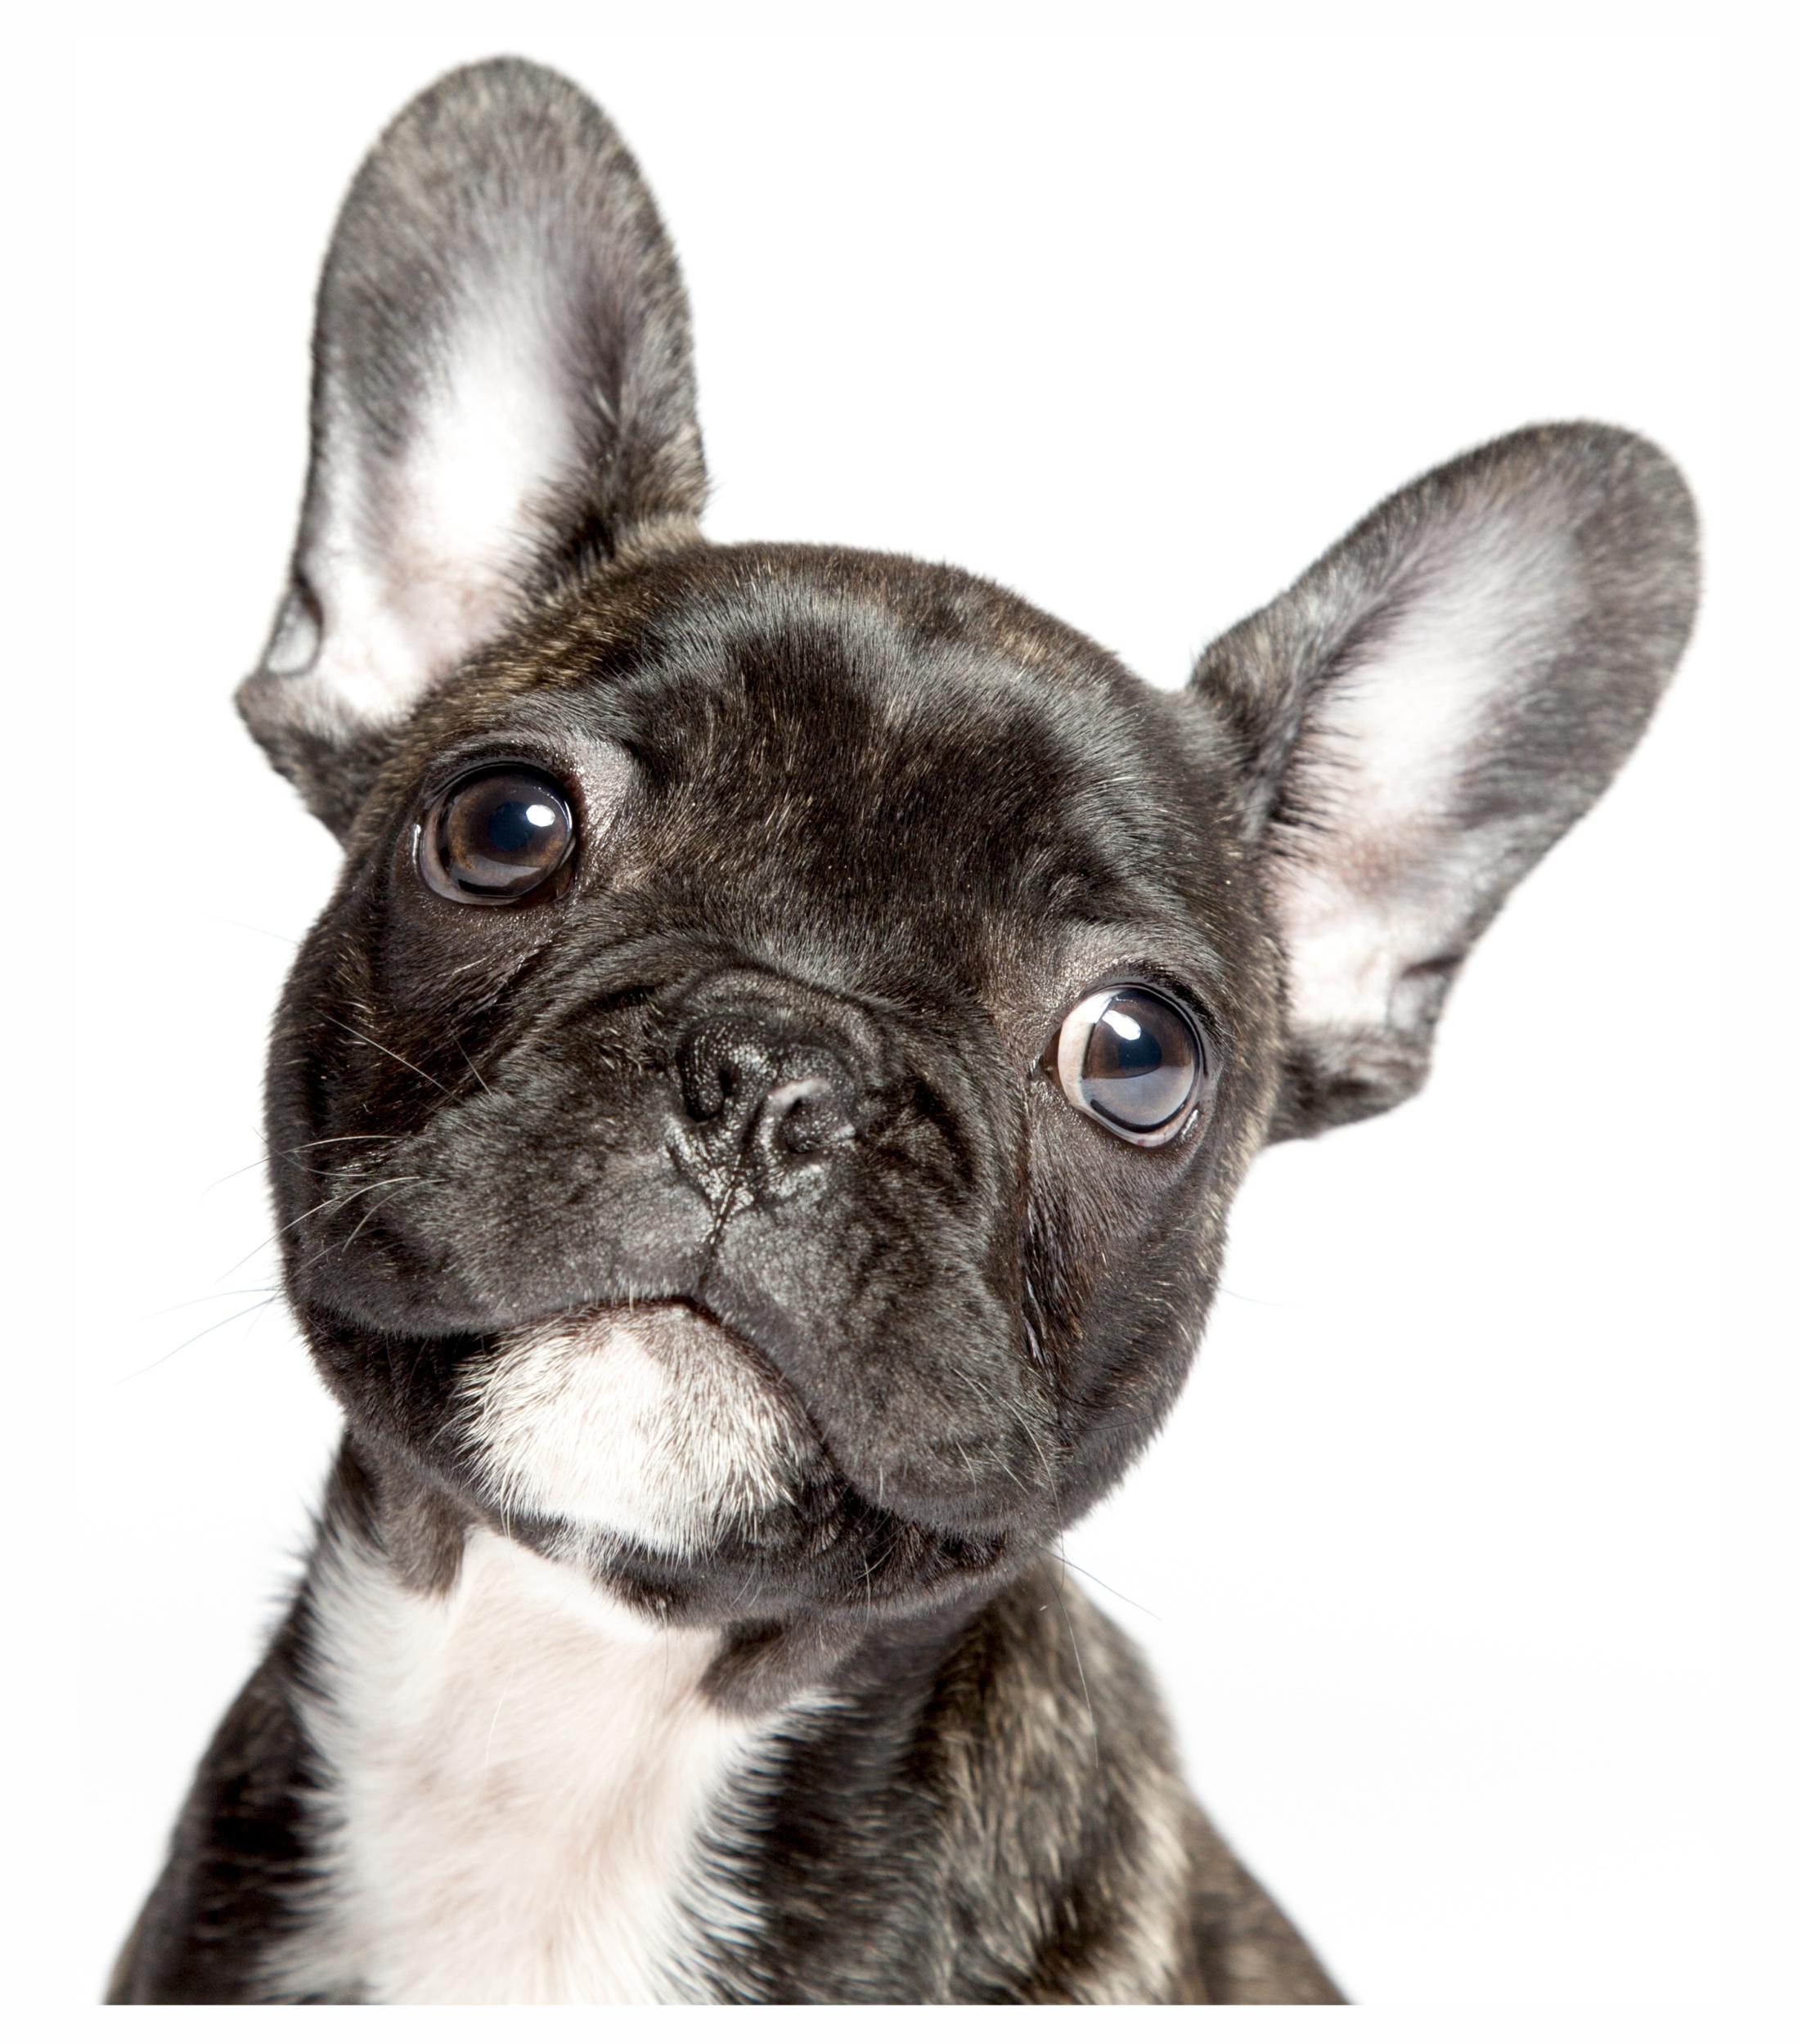 Sticker dog französische bulldogge 120 x 110 mm – Bild 1